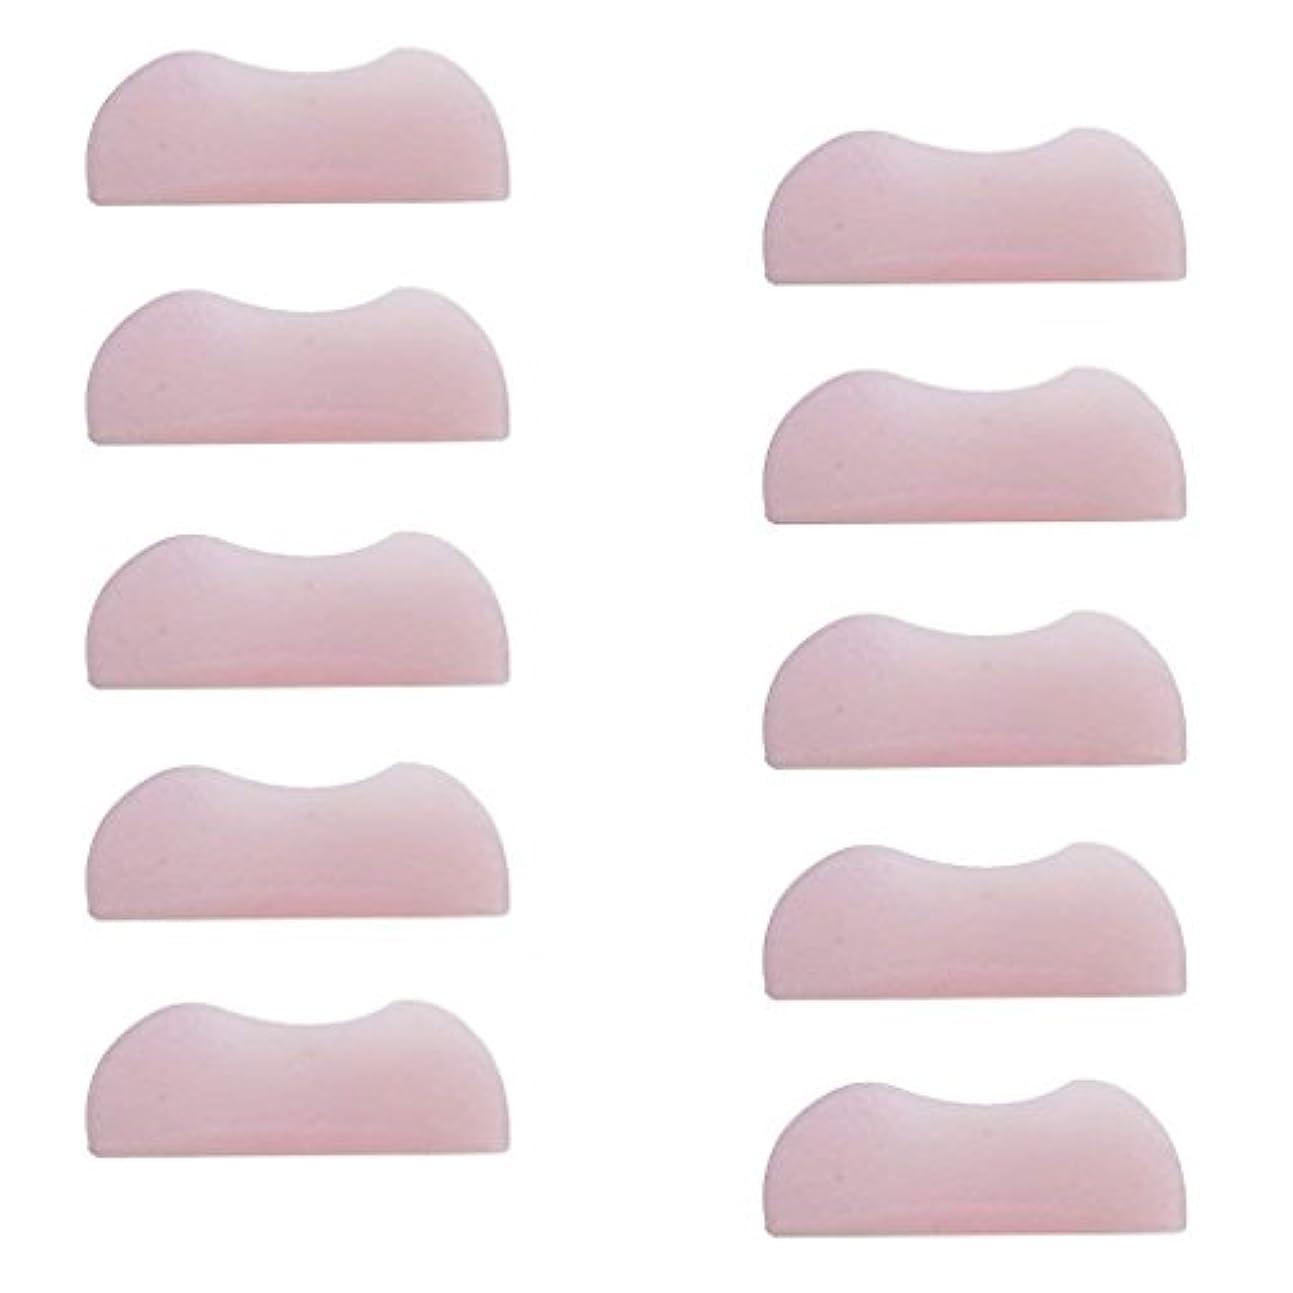 純度怖い単なる5組 シリコンのまつげパッド まつげ美容用のまつげパーツキット